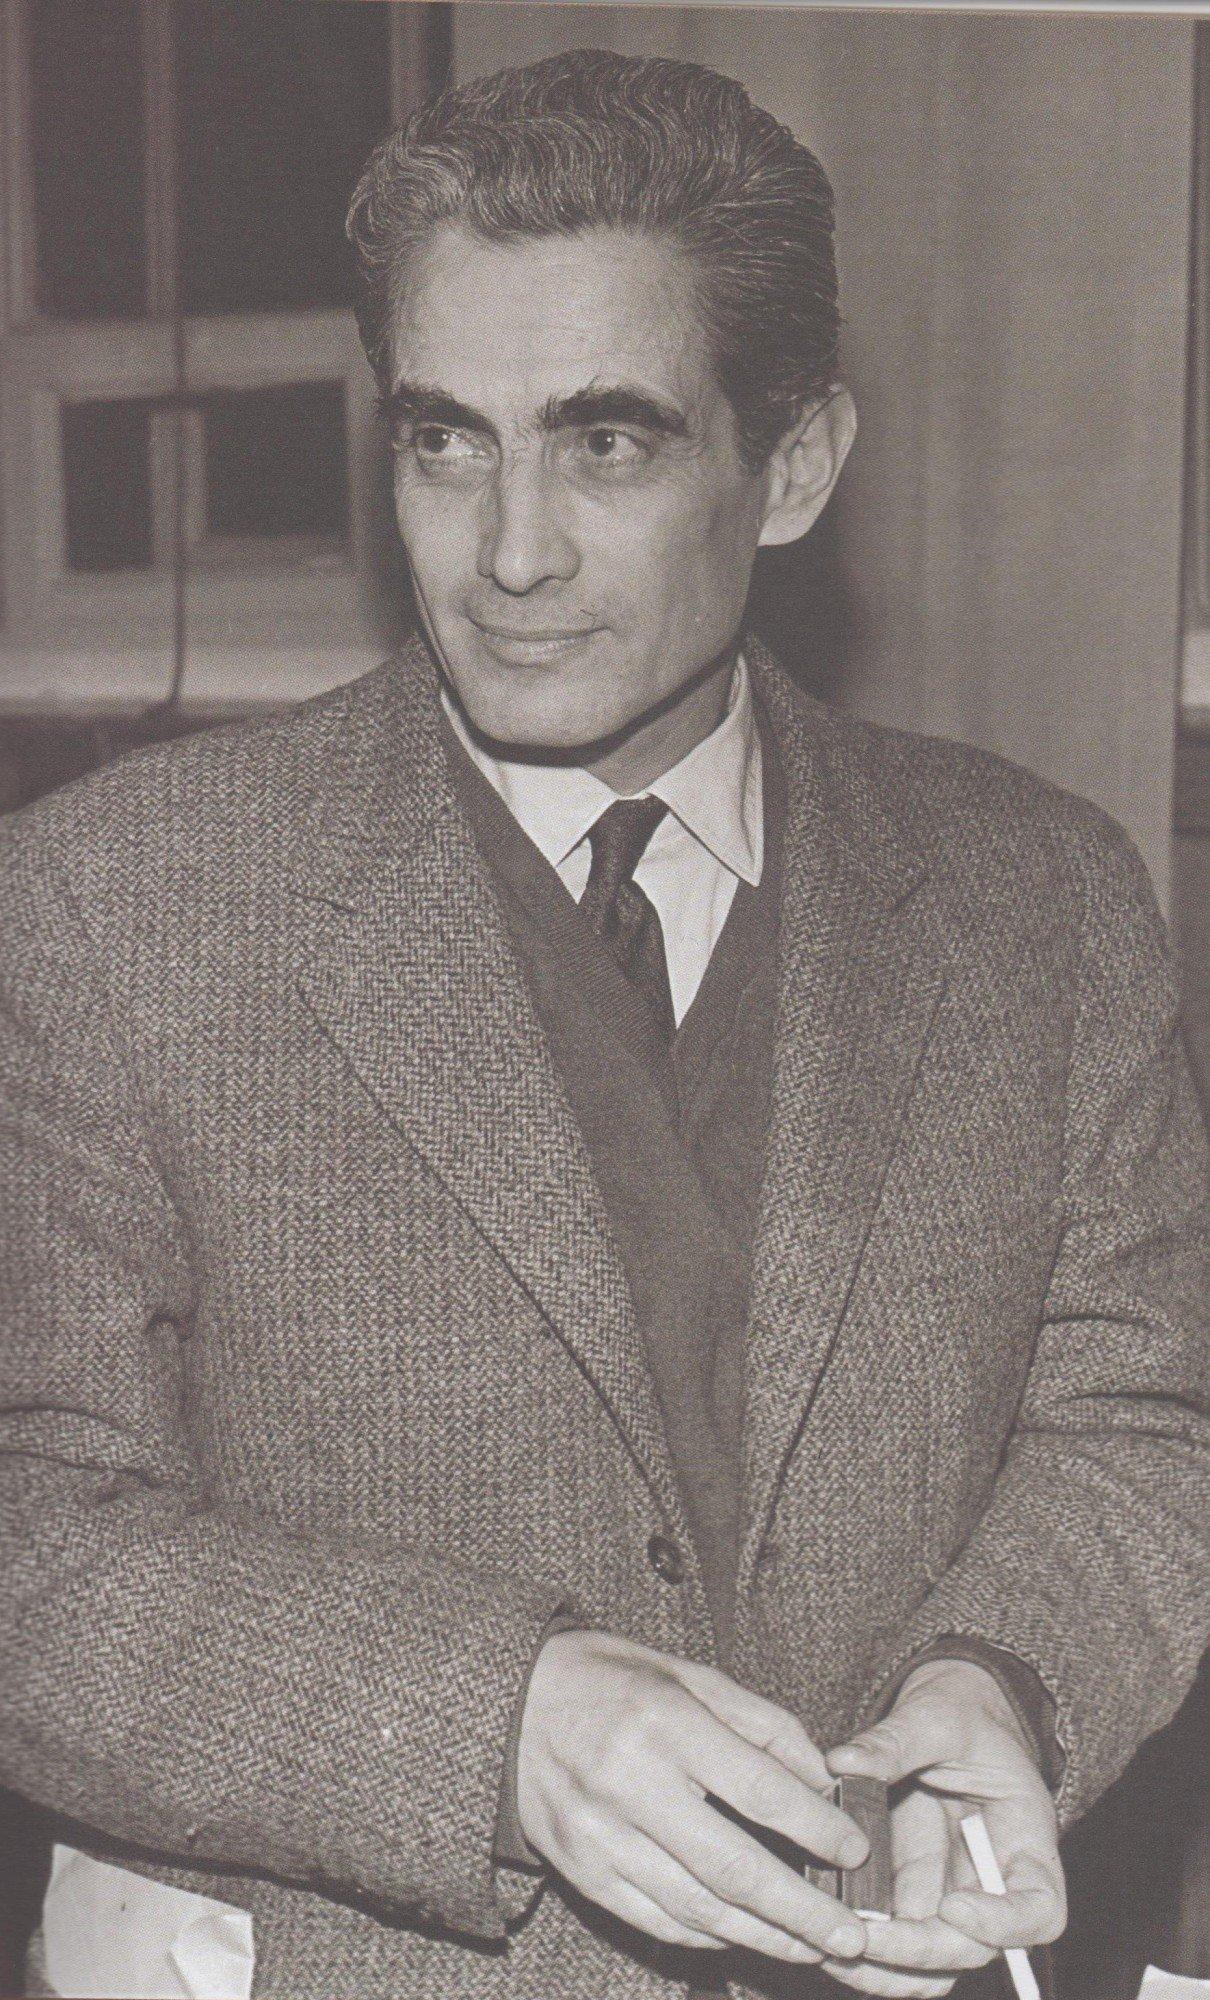 33. Álvaro Cunhal afinal também fumava. Mas na URSS e nos anos 50. (foto in Alvaro Cunhal no país dos Sovietes)